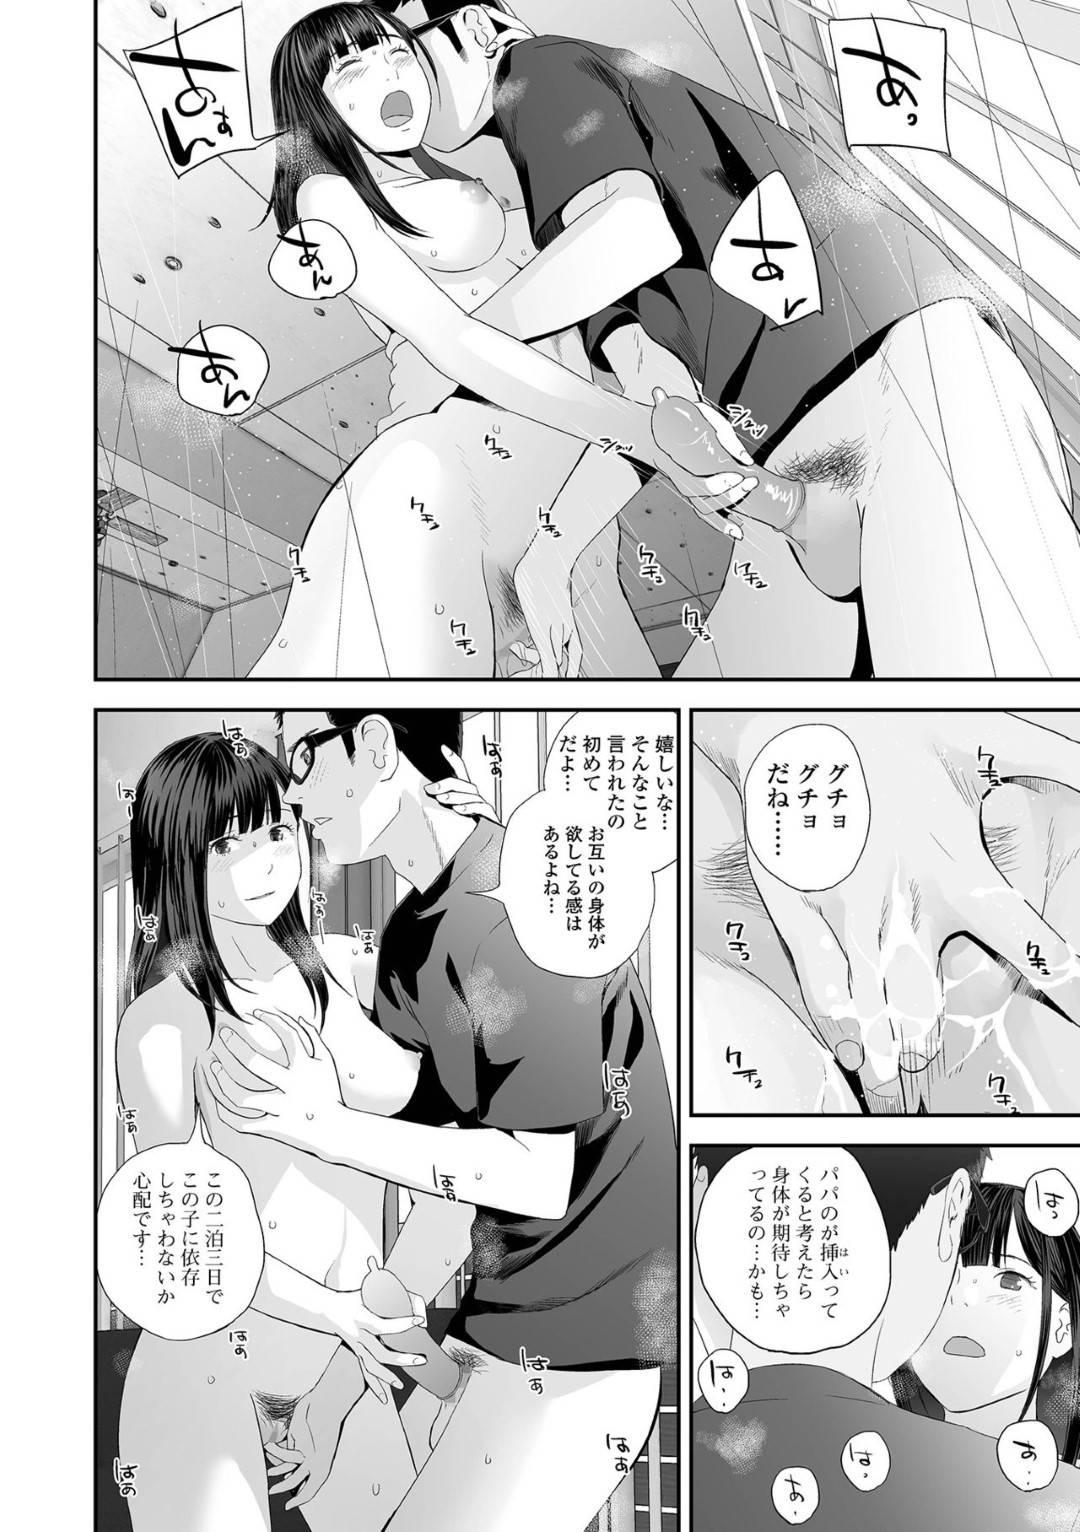 【エロ漫画】初対面の男性と身体の相性が良く妊娠してしまったJK…産むことを決めて考えた結果、とある男性の元を訪ねて自分を買ってくれるよう頼み込む!【吉田鳶牡】